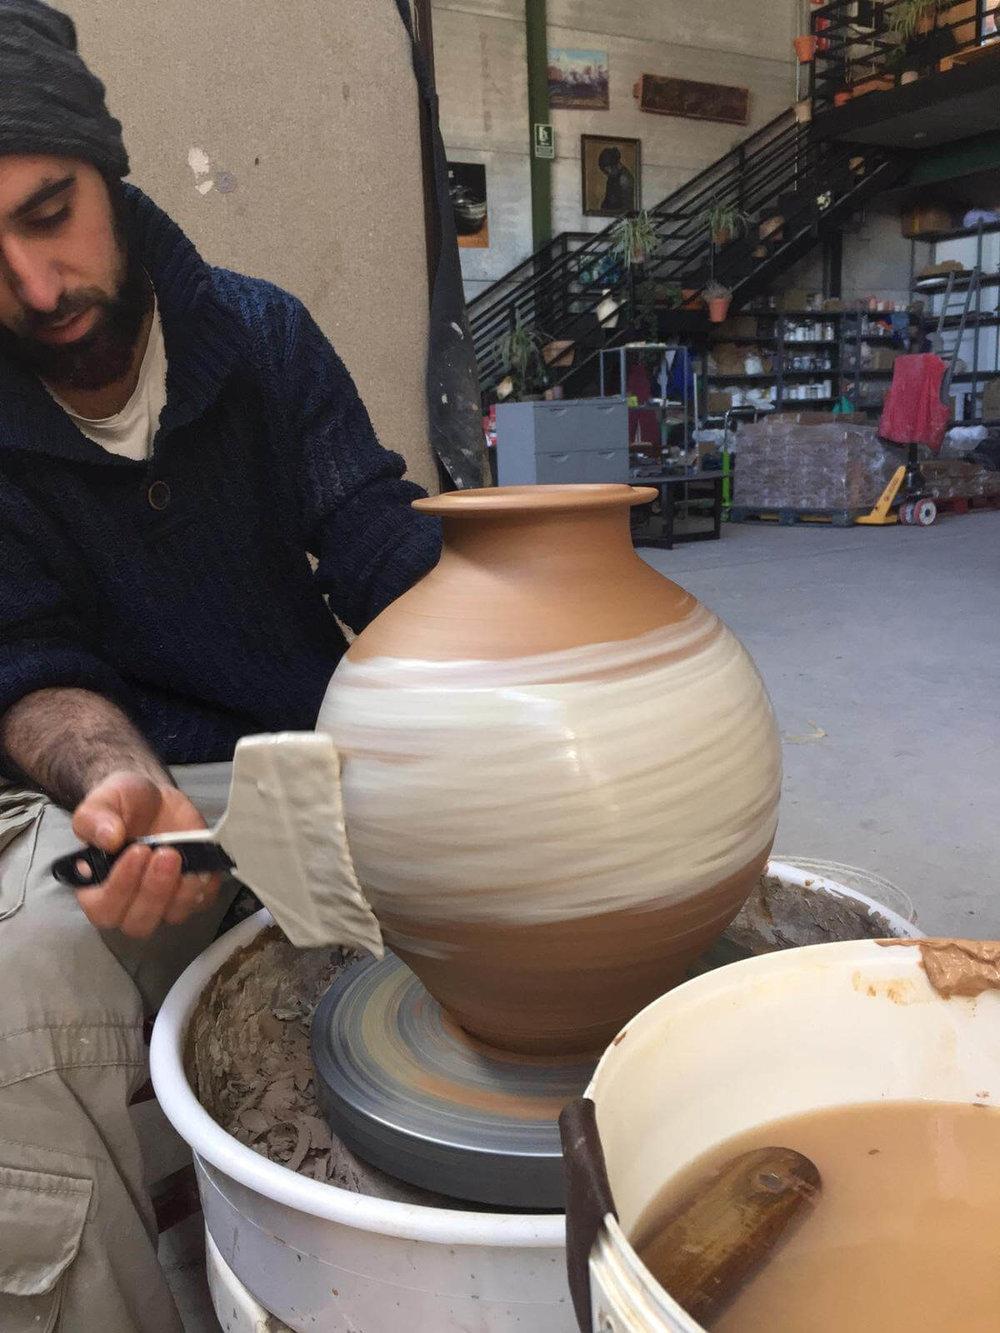 course-ceramic-buncheong-cerdeira-jose-gil-alvaro-villamanan-23.jpg